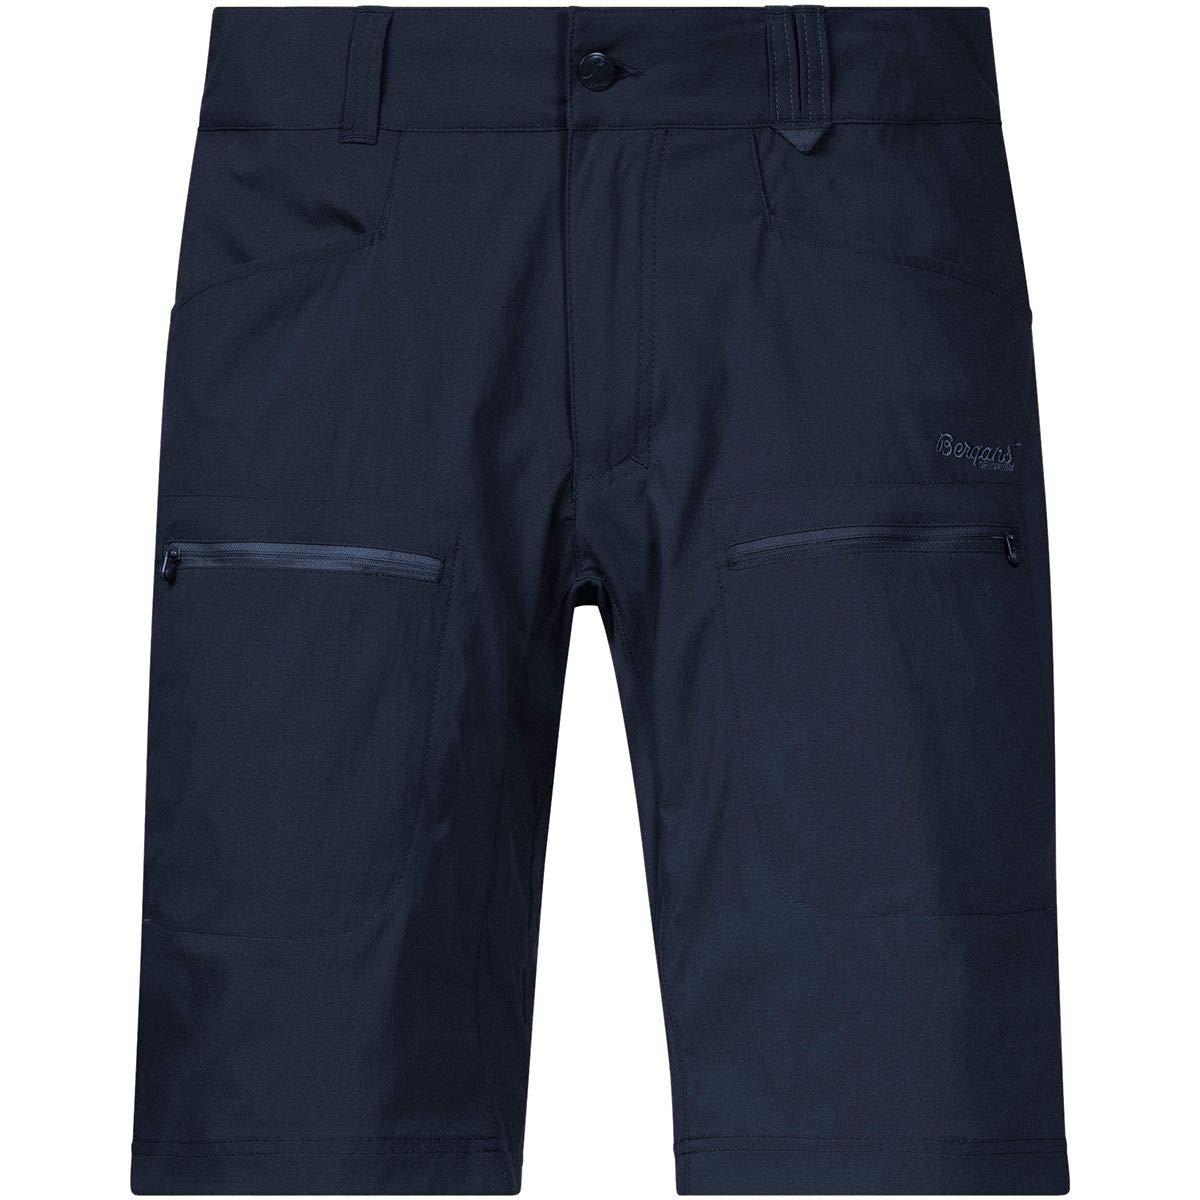 Bergans Herren Utne Shorts Pants Kurze Hose